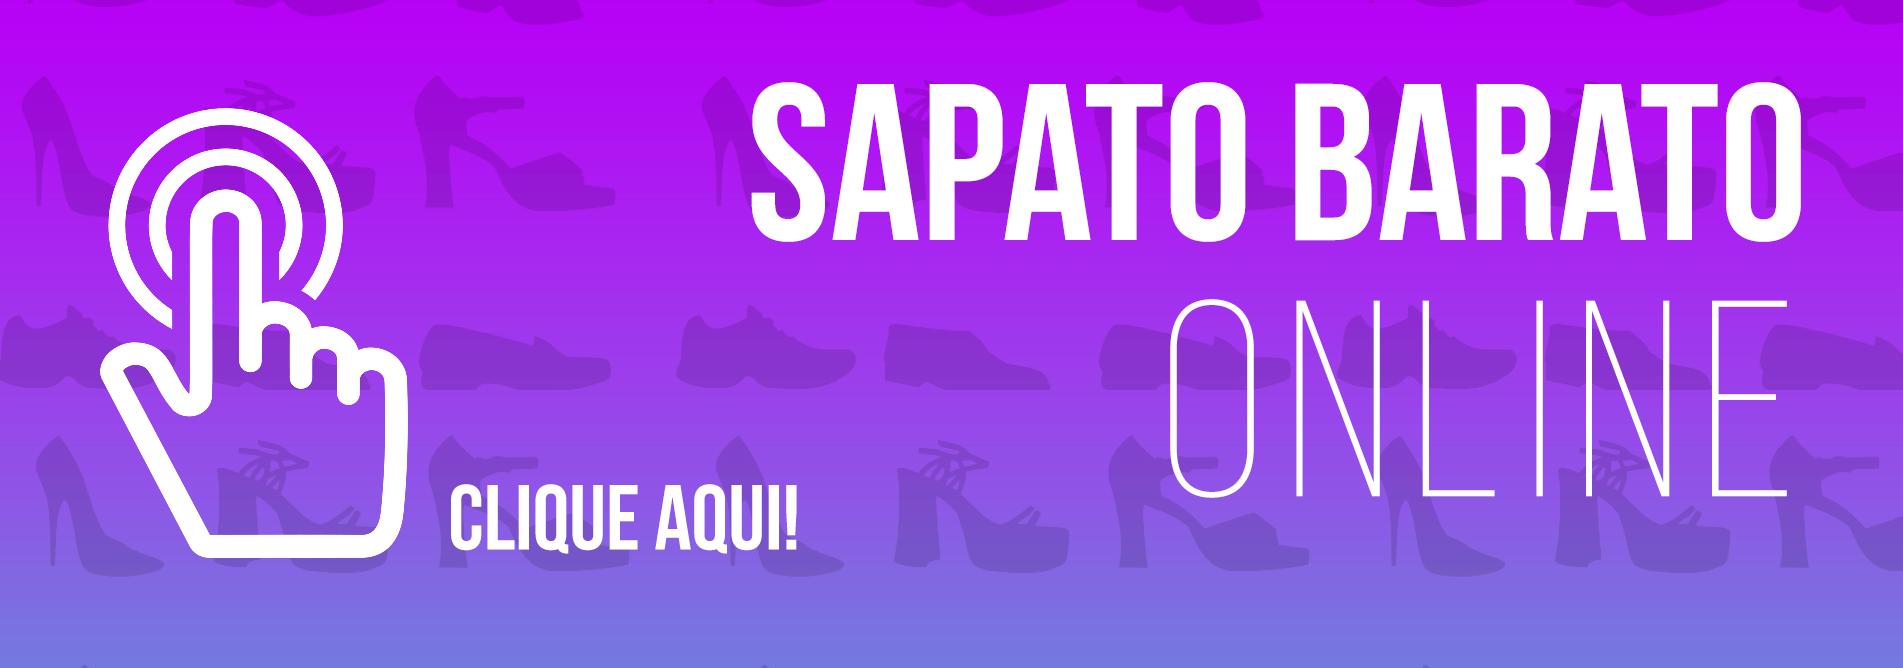 sapato-barato-online